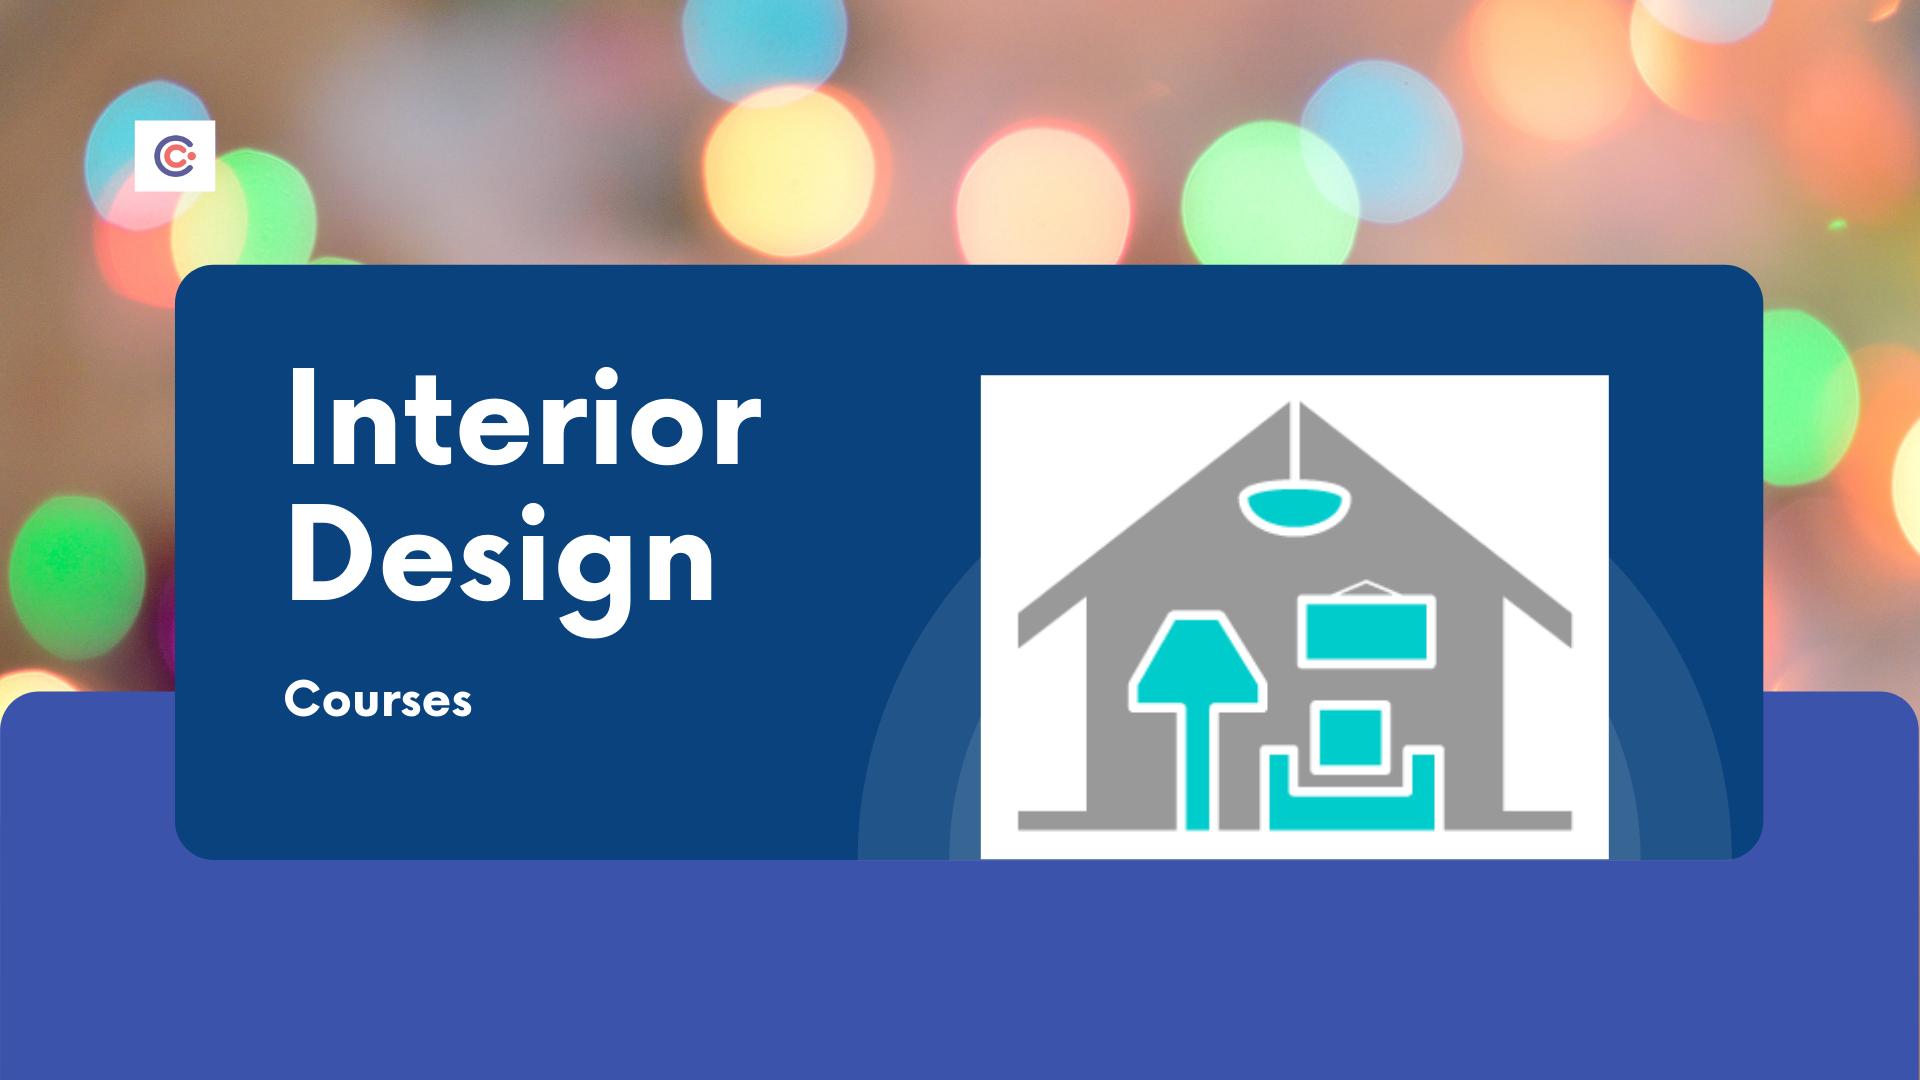 7 Best Interior Design Courses - Learn Interior Designing Online